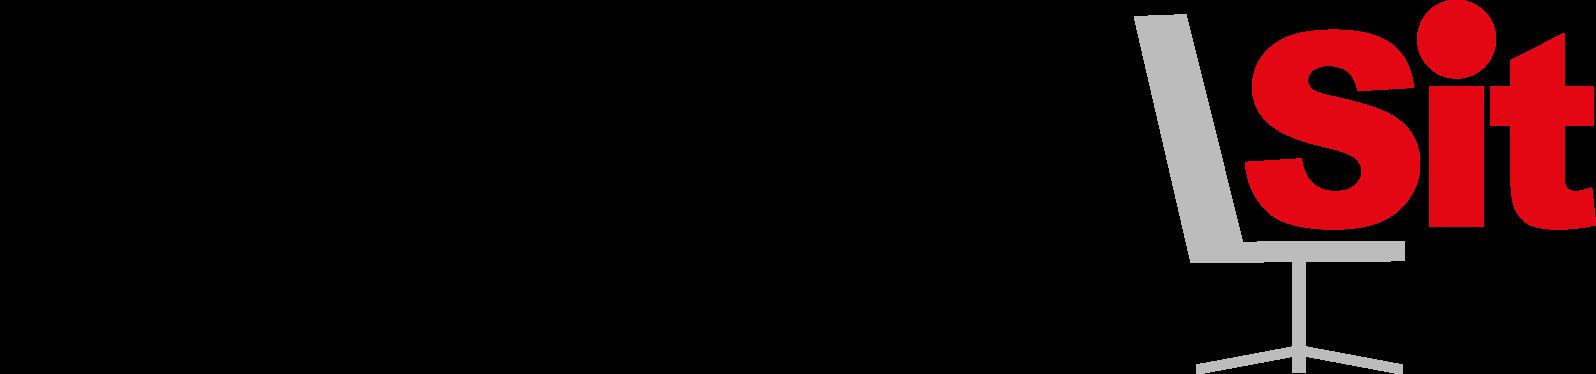 Logo Mastersit 2017 sin fondo.png